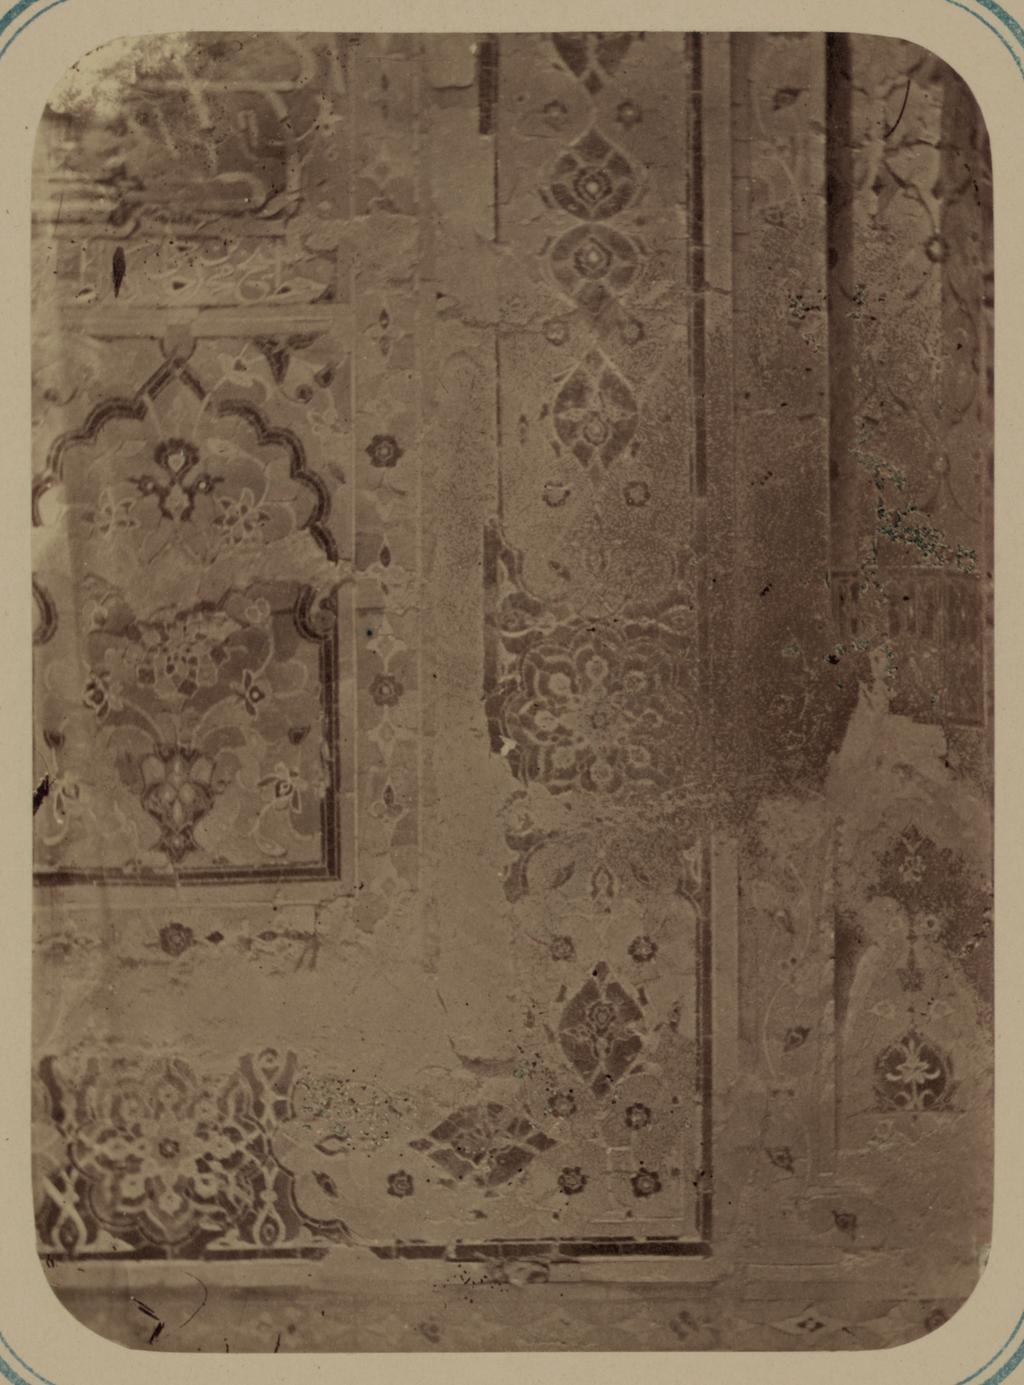 Мавзолей Айнэ-Ханэ (эмира Муссы). Часть отделки фасада